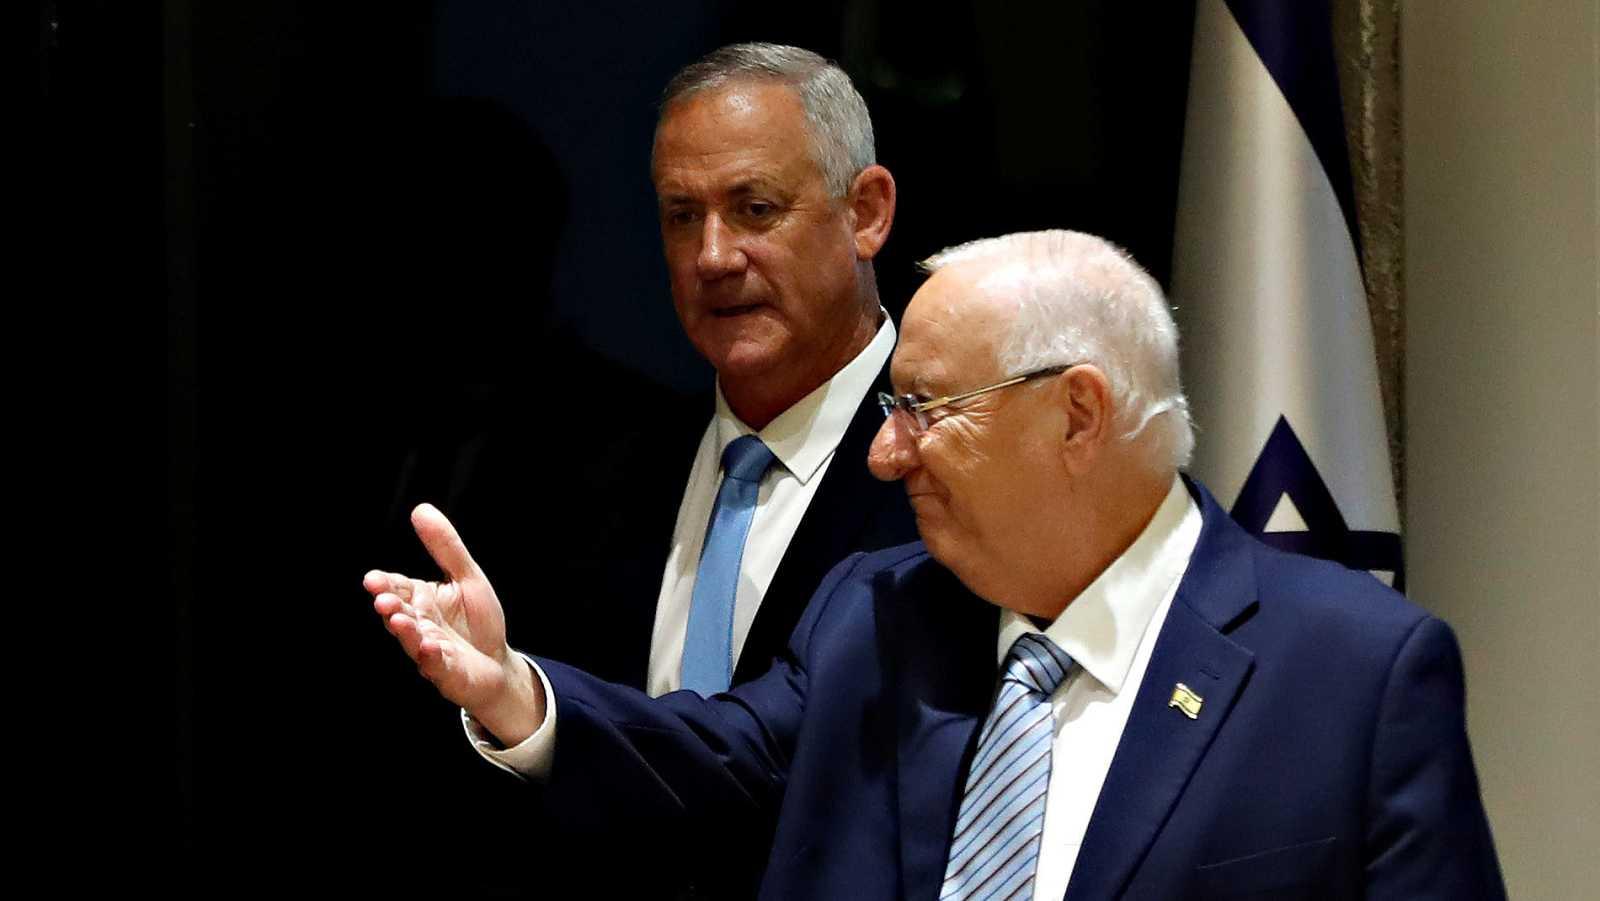 El presidente de Israel, Reuben Rivlin, y, en segundo plano, el nuevo candidato a formar gobierno, Beny Gantz